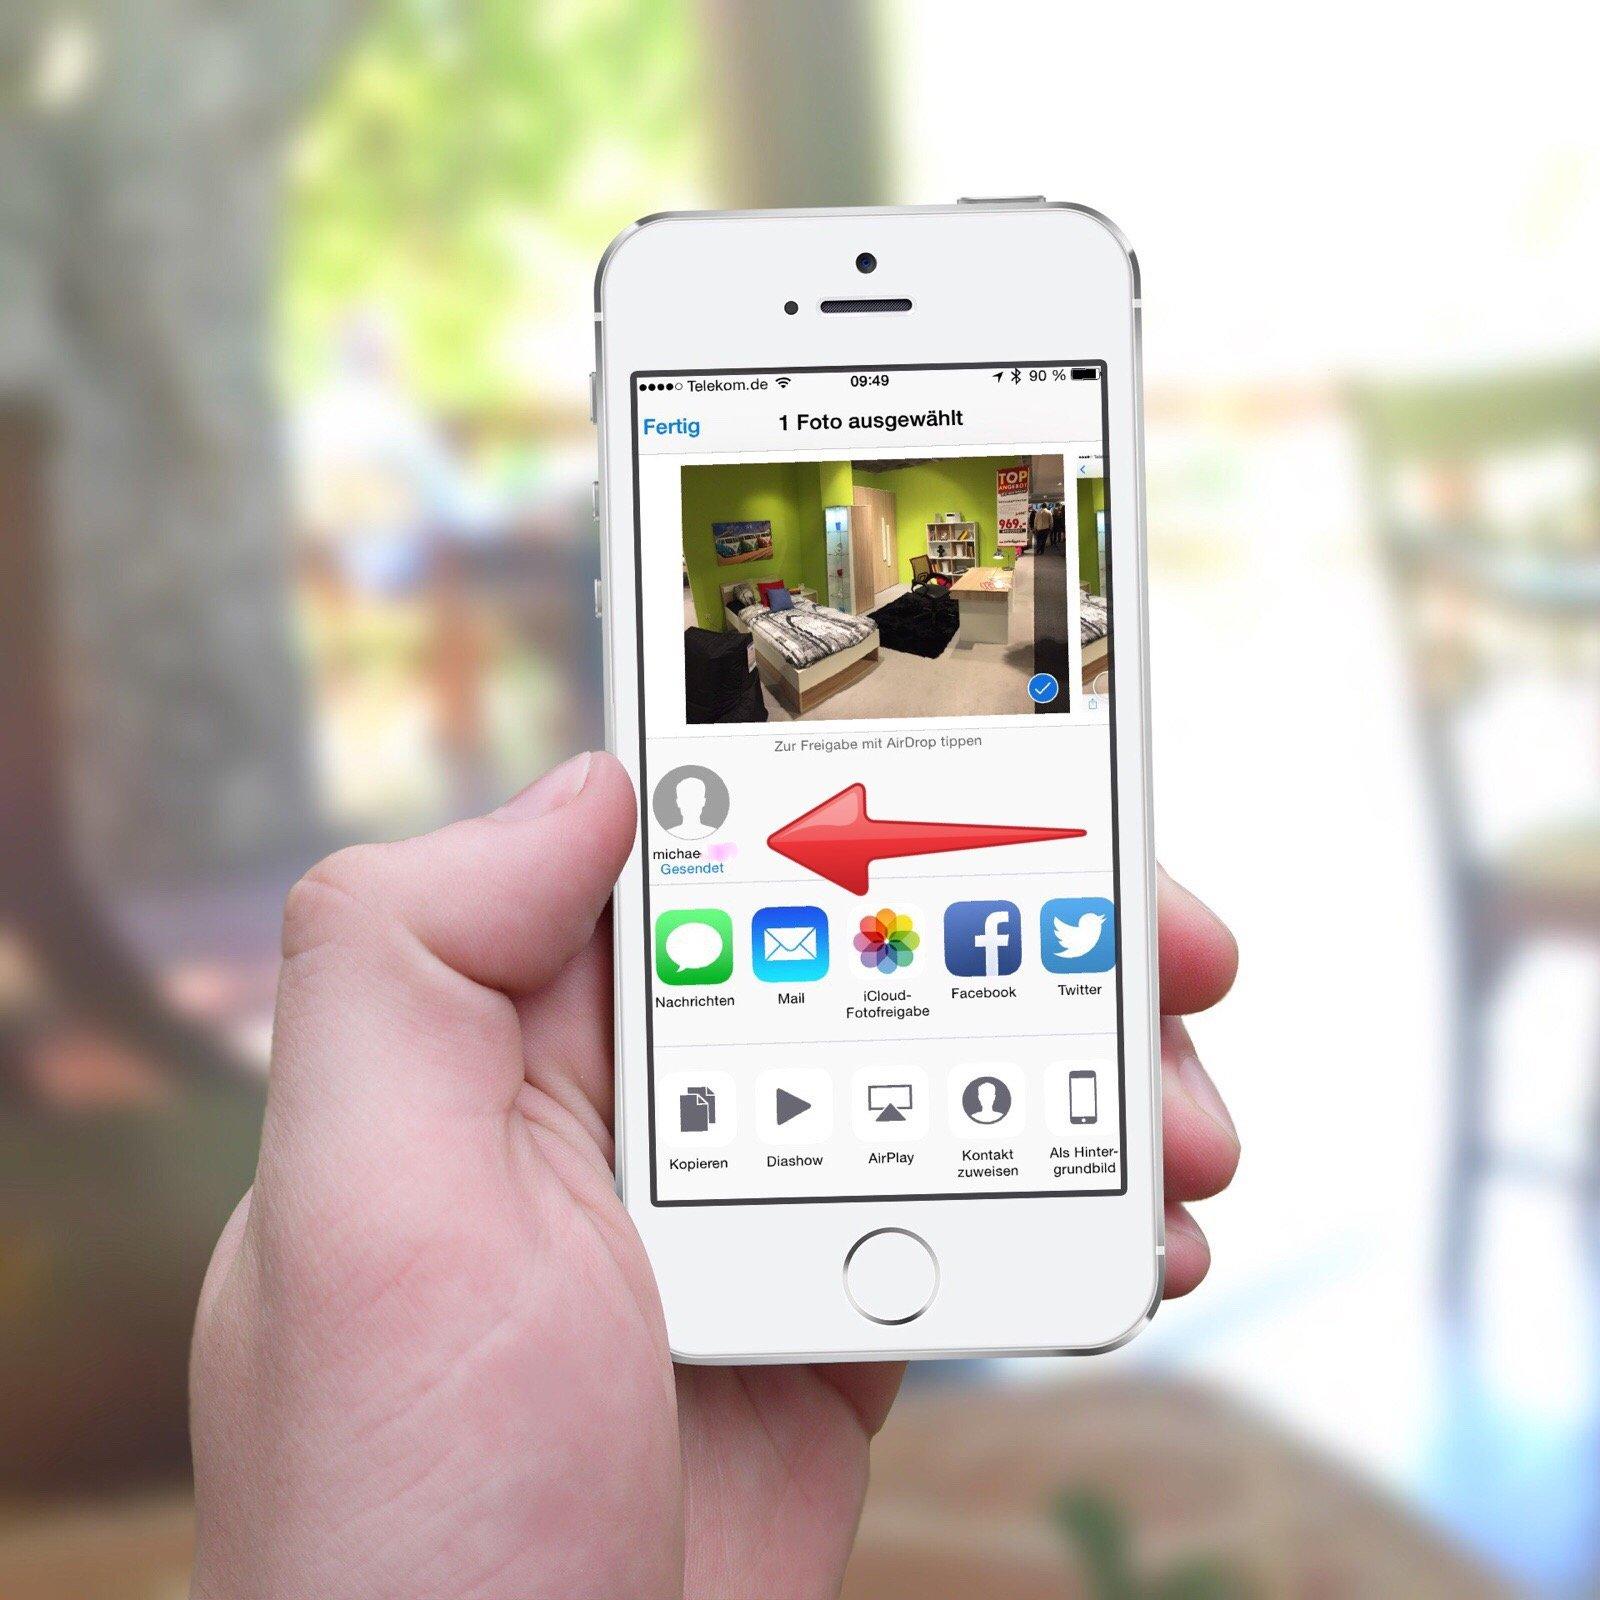 Bilder Übertragen Iphone Airdrop